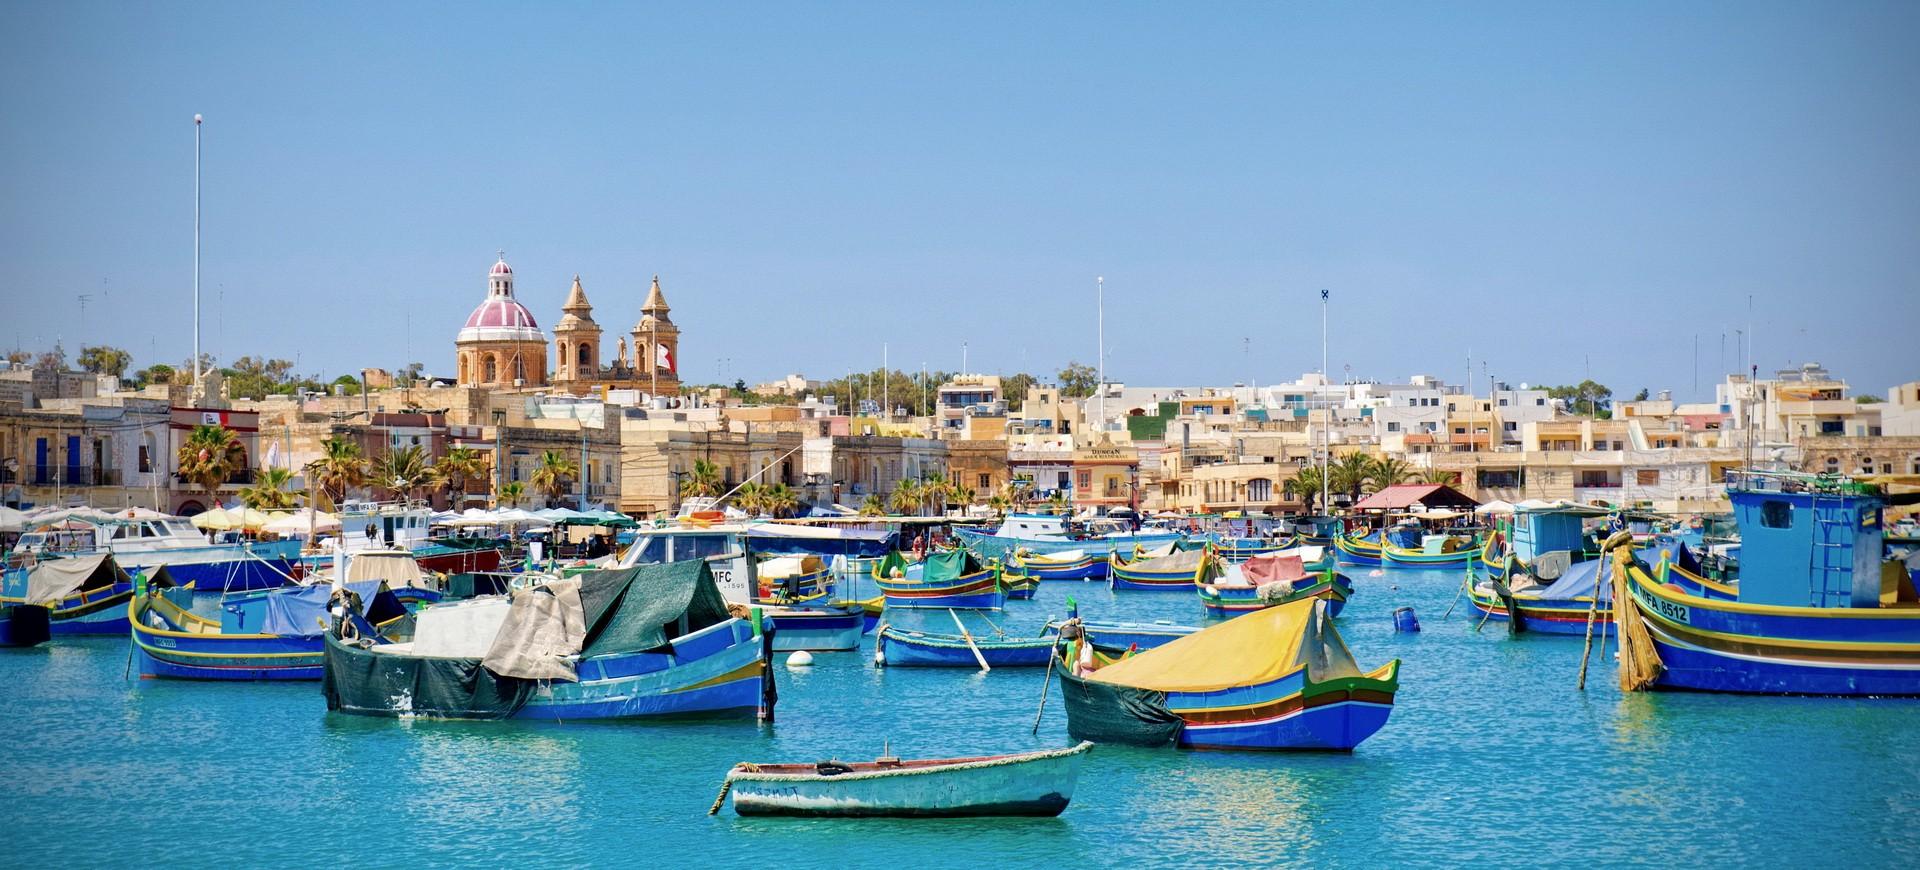 Malte La Vallette Les Bateaux traditionnels Maltaises Luzzu dans la Bai